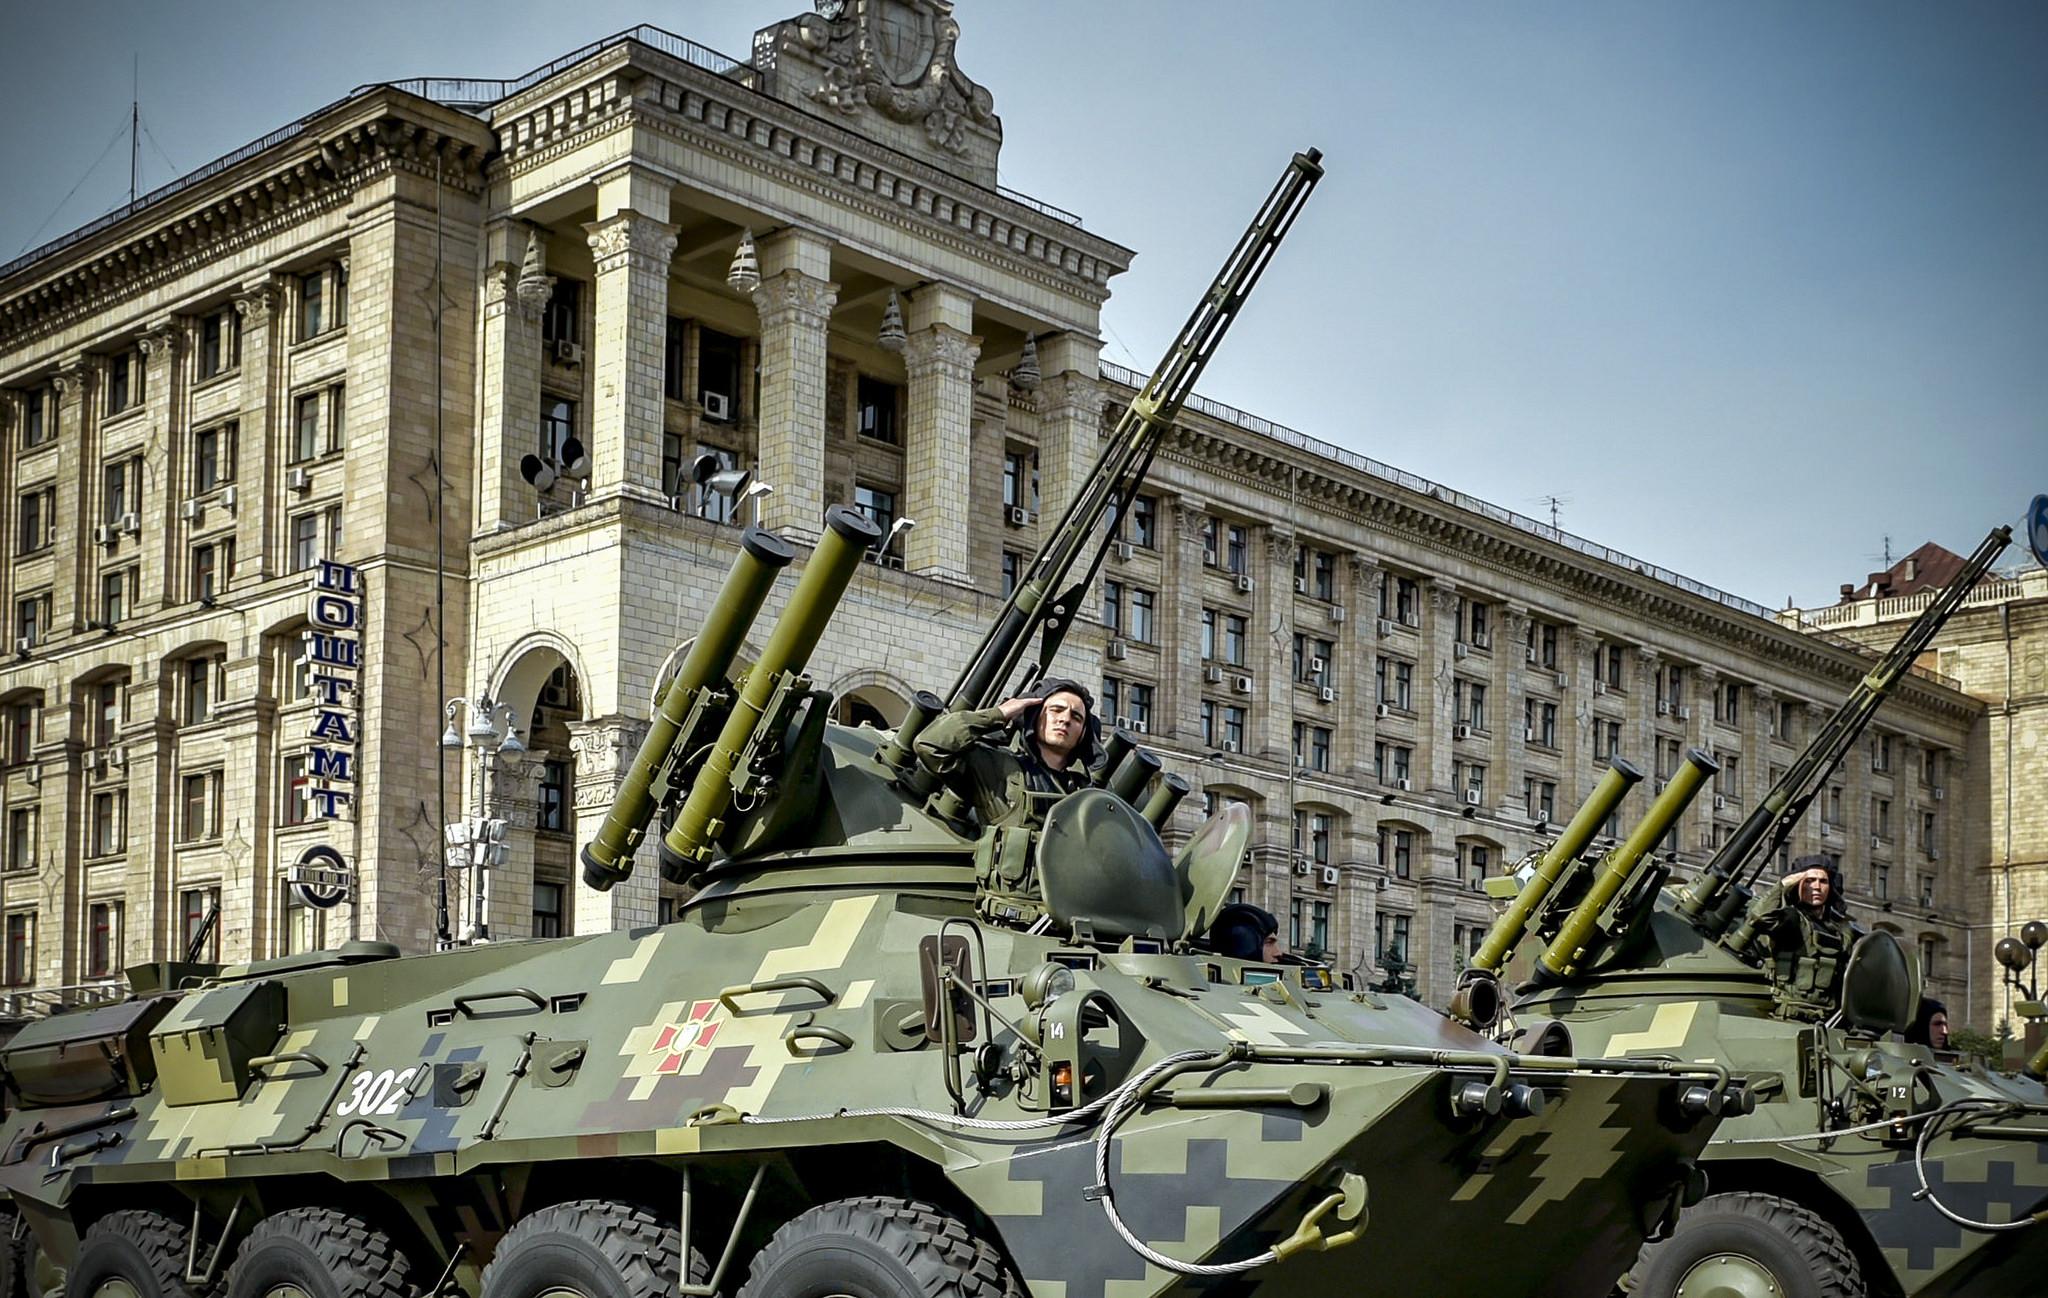 Среди украинцев нет единого мнения о том, нужно ли проводить военный парад ко Дню Независимости